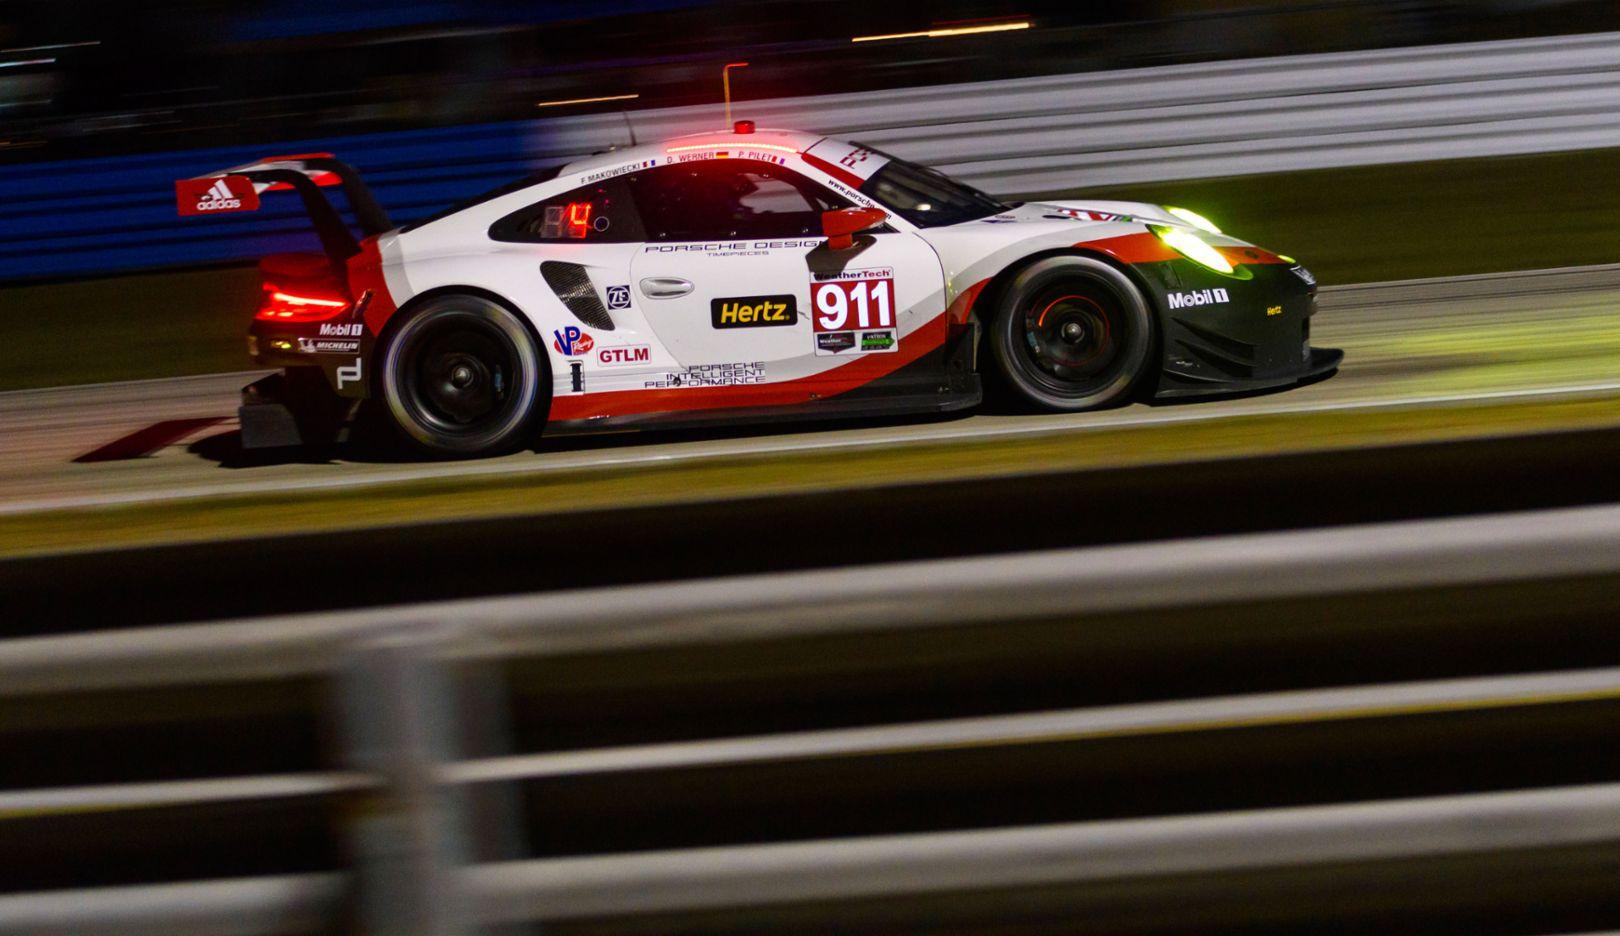 911 RSR, IMSA SportsCar Championship, Sebring, 2017, Porsche AG